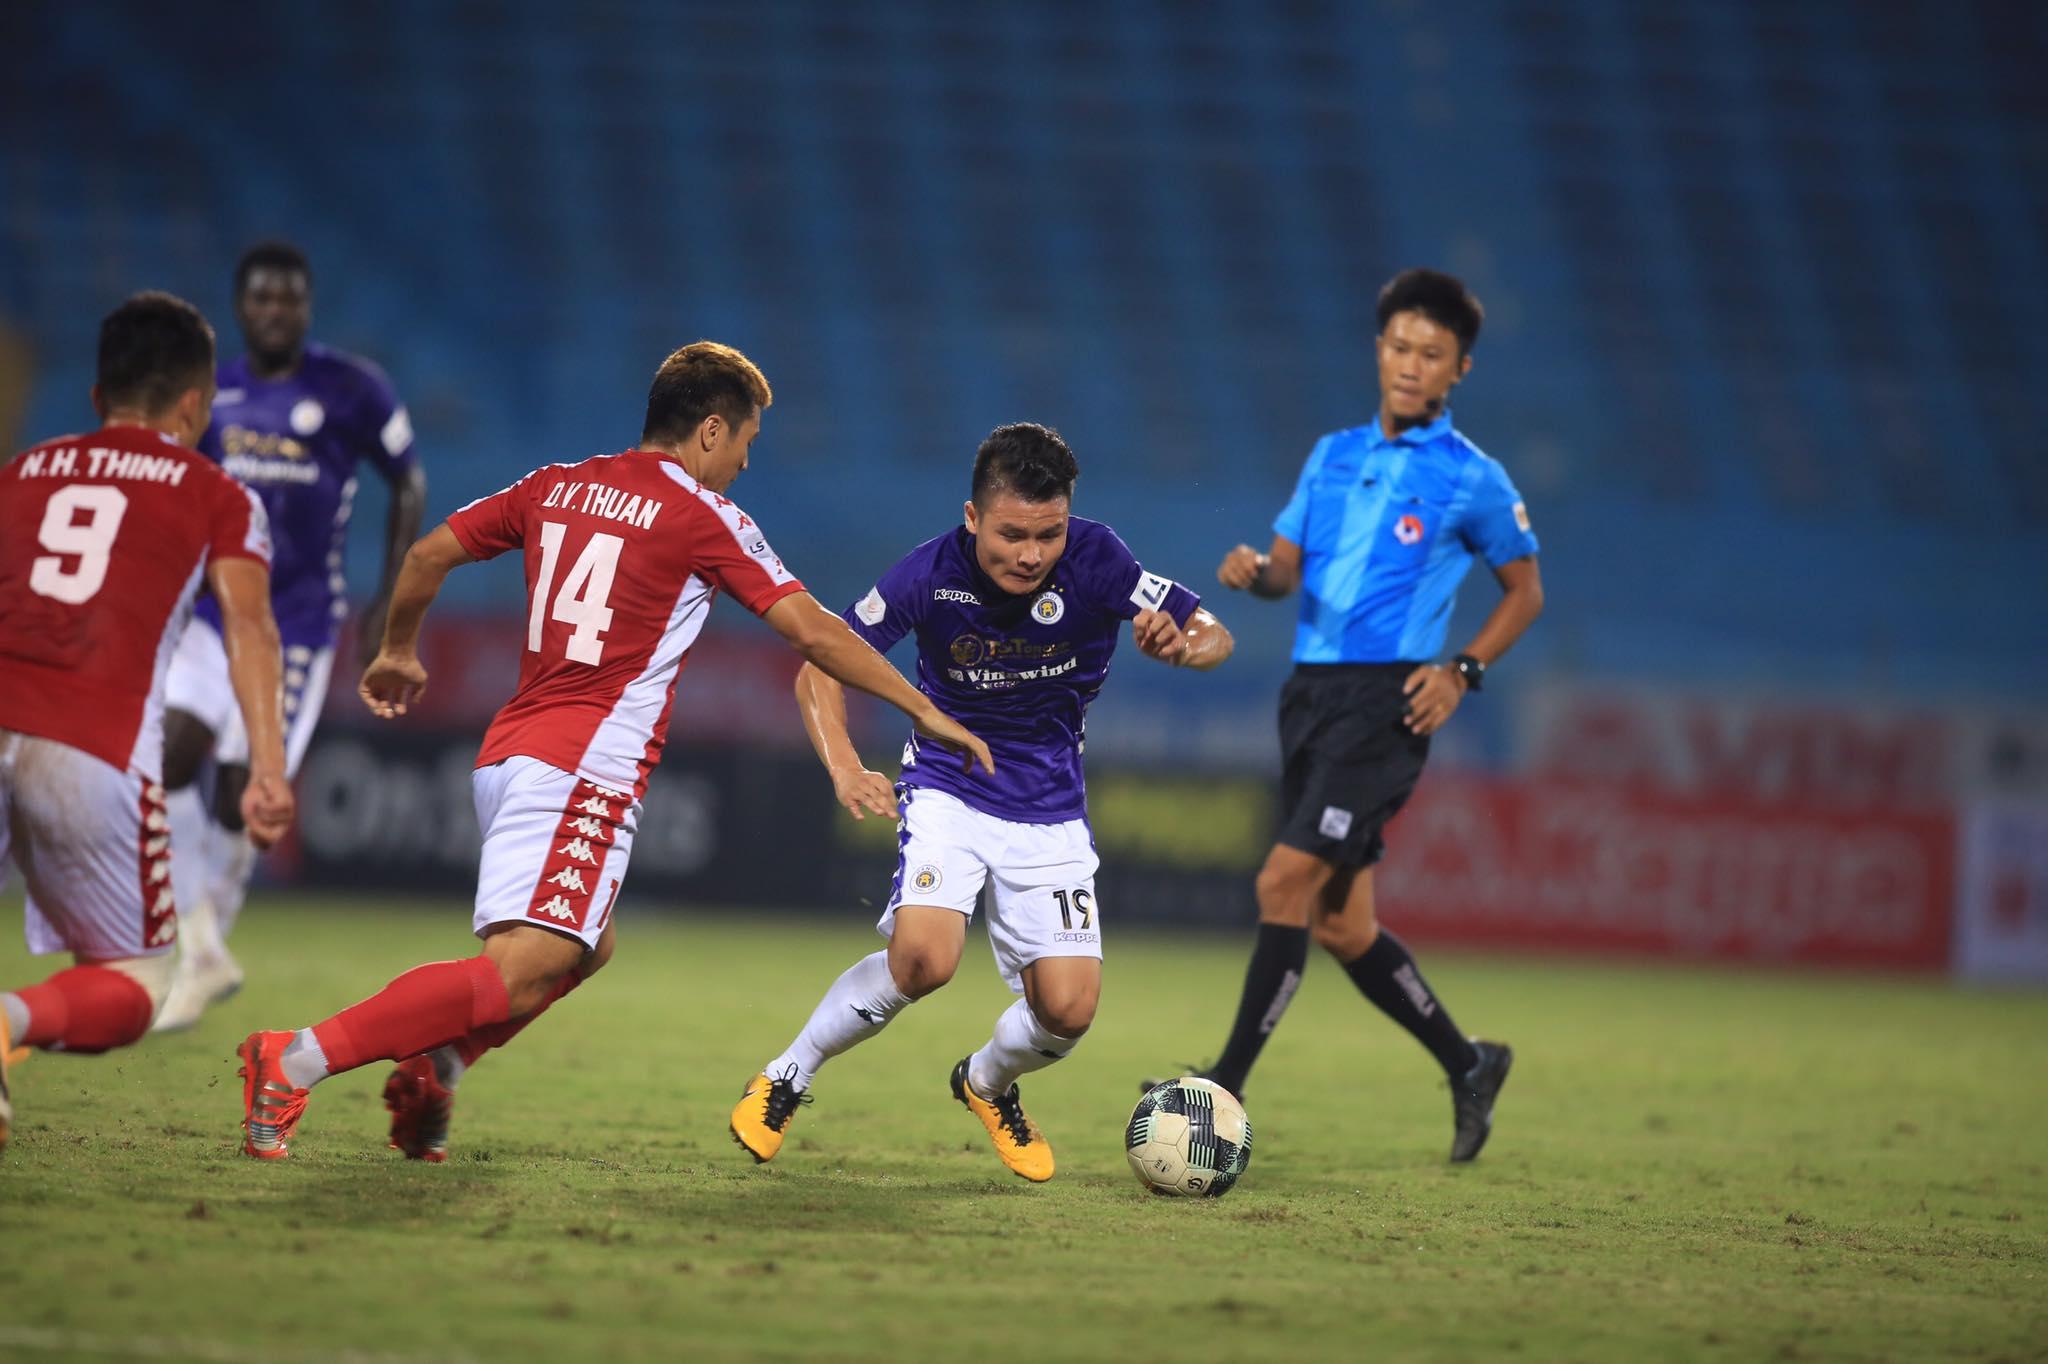 Quang Hải và Hà Nội FC chơi bế tắc trước TP.HCM trong hiệp 1 - Ảnh: Minh Tuấn